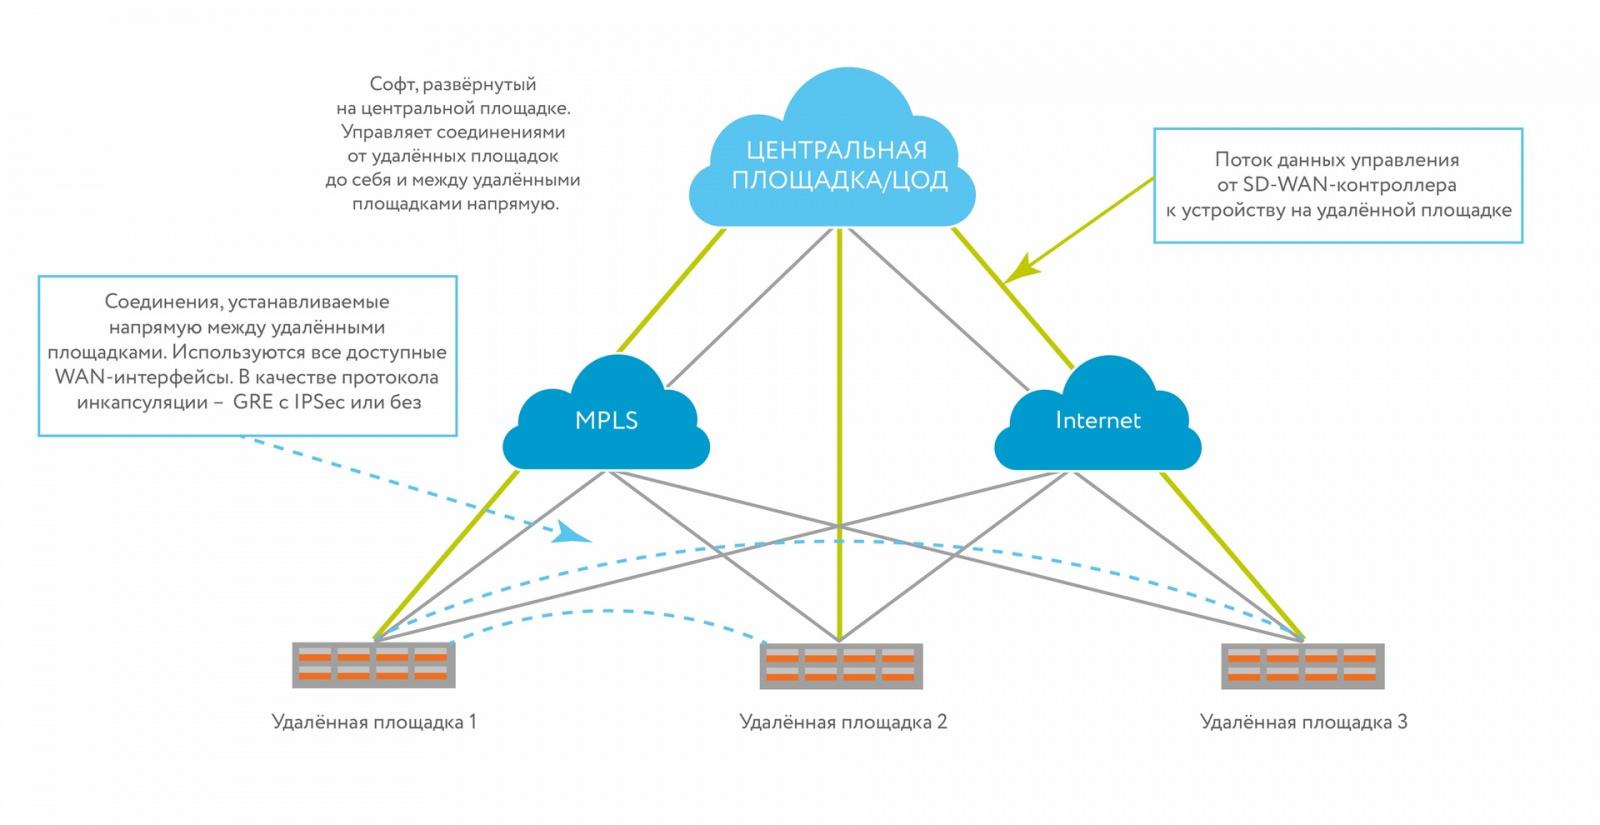 Устойчивый канал на базе кластера сотовых модемов (SD-WAN): решаем проблемы выбора маршрутов - 2